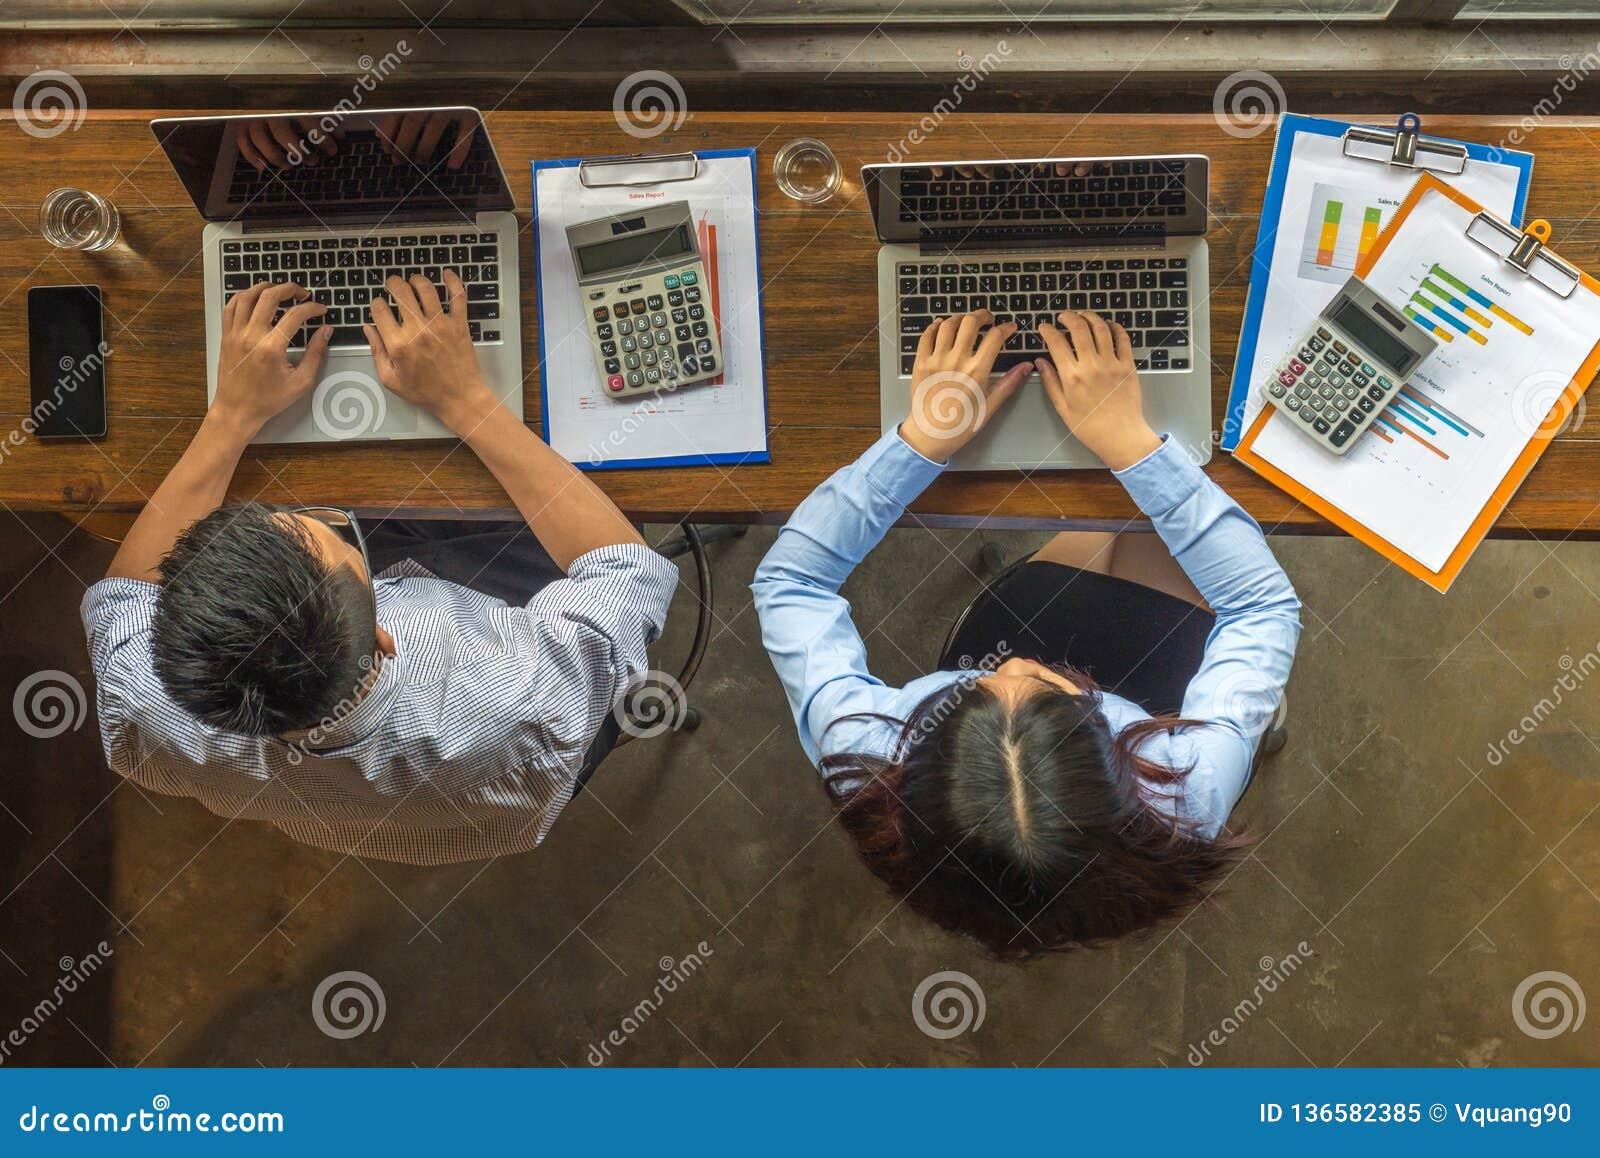 Lucht Bedrijfshoek: Aziatische bedrijfsmensen die laptop en het werken gebruiken